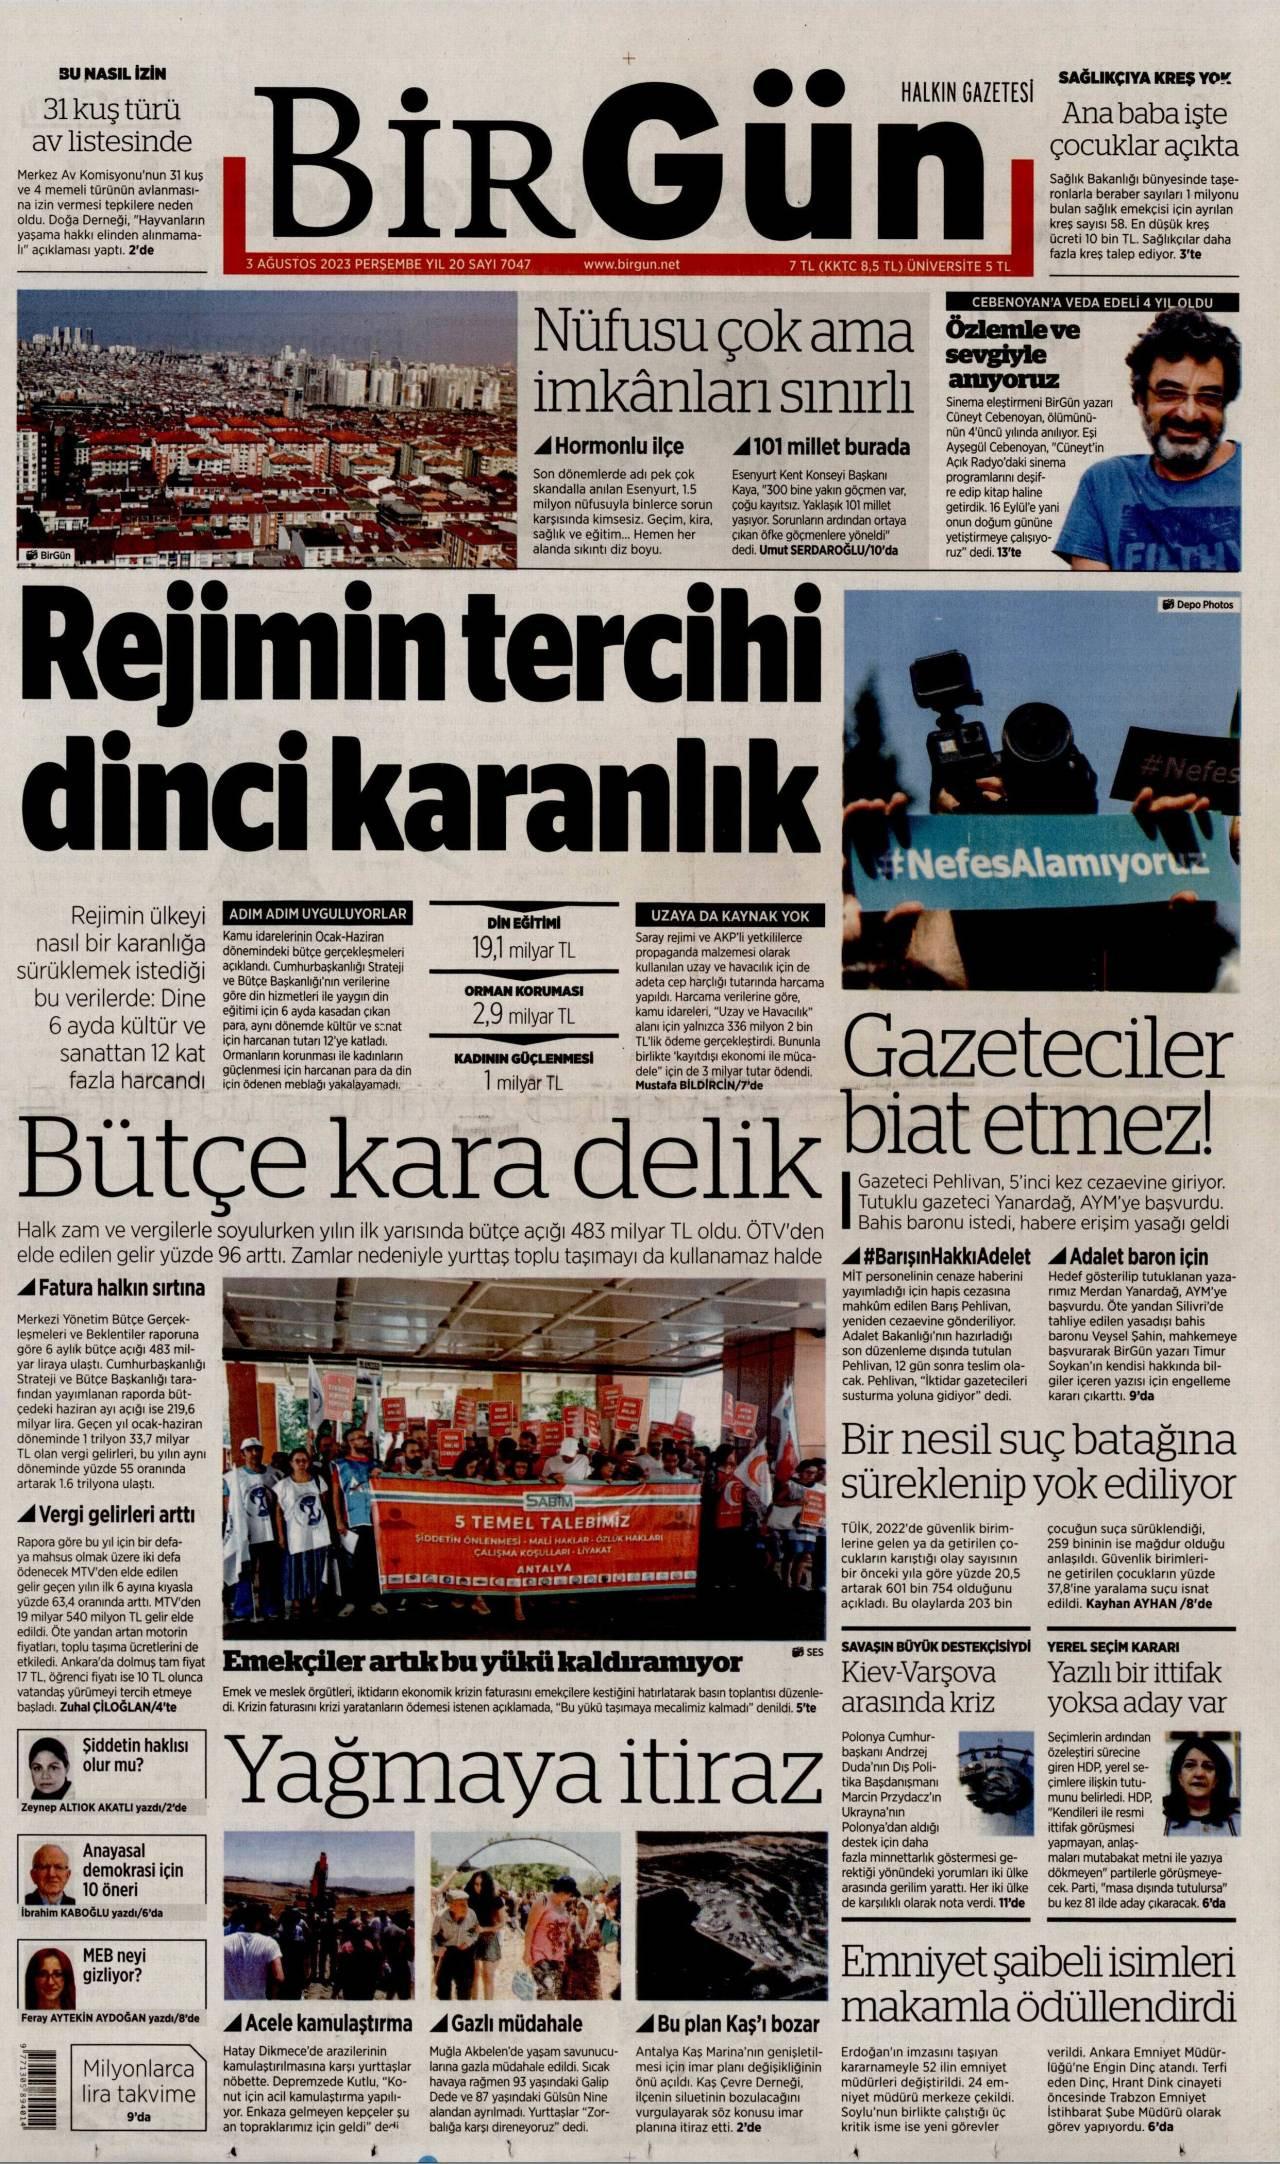 26 Şubat 2020, Çarşamba birgun Gazetesi